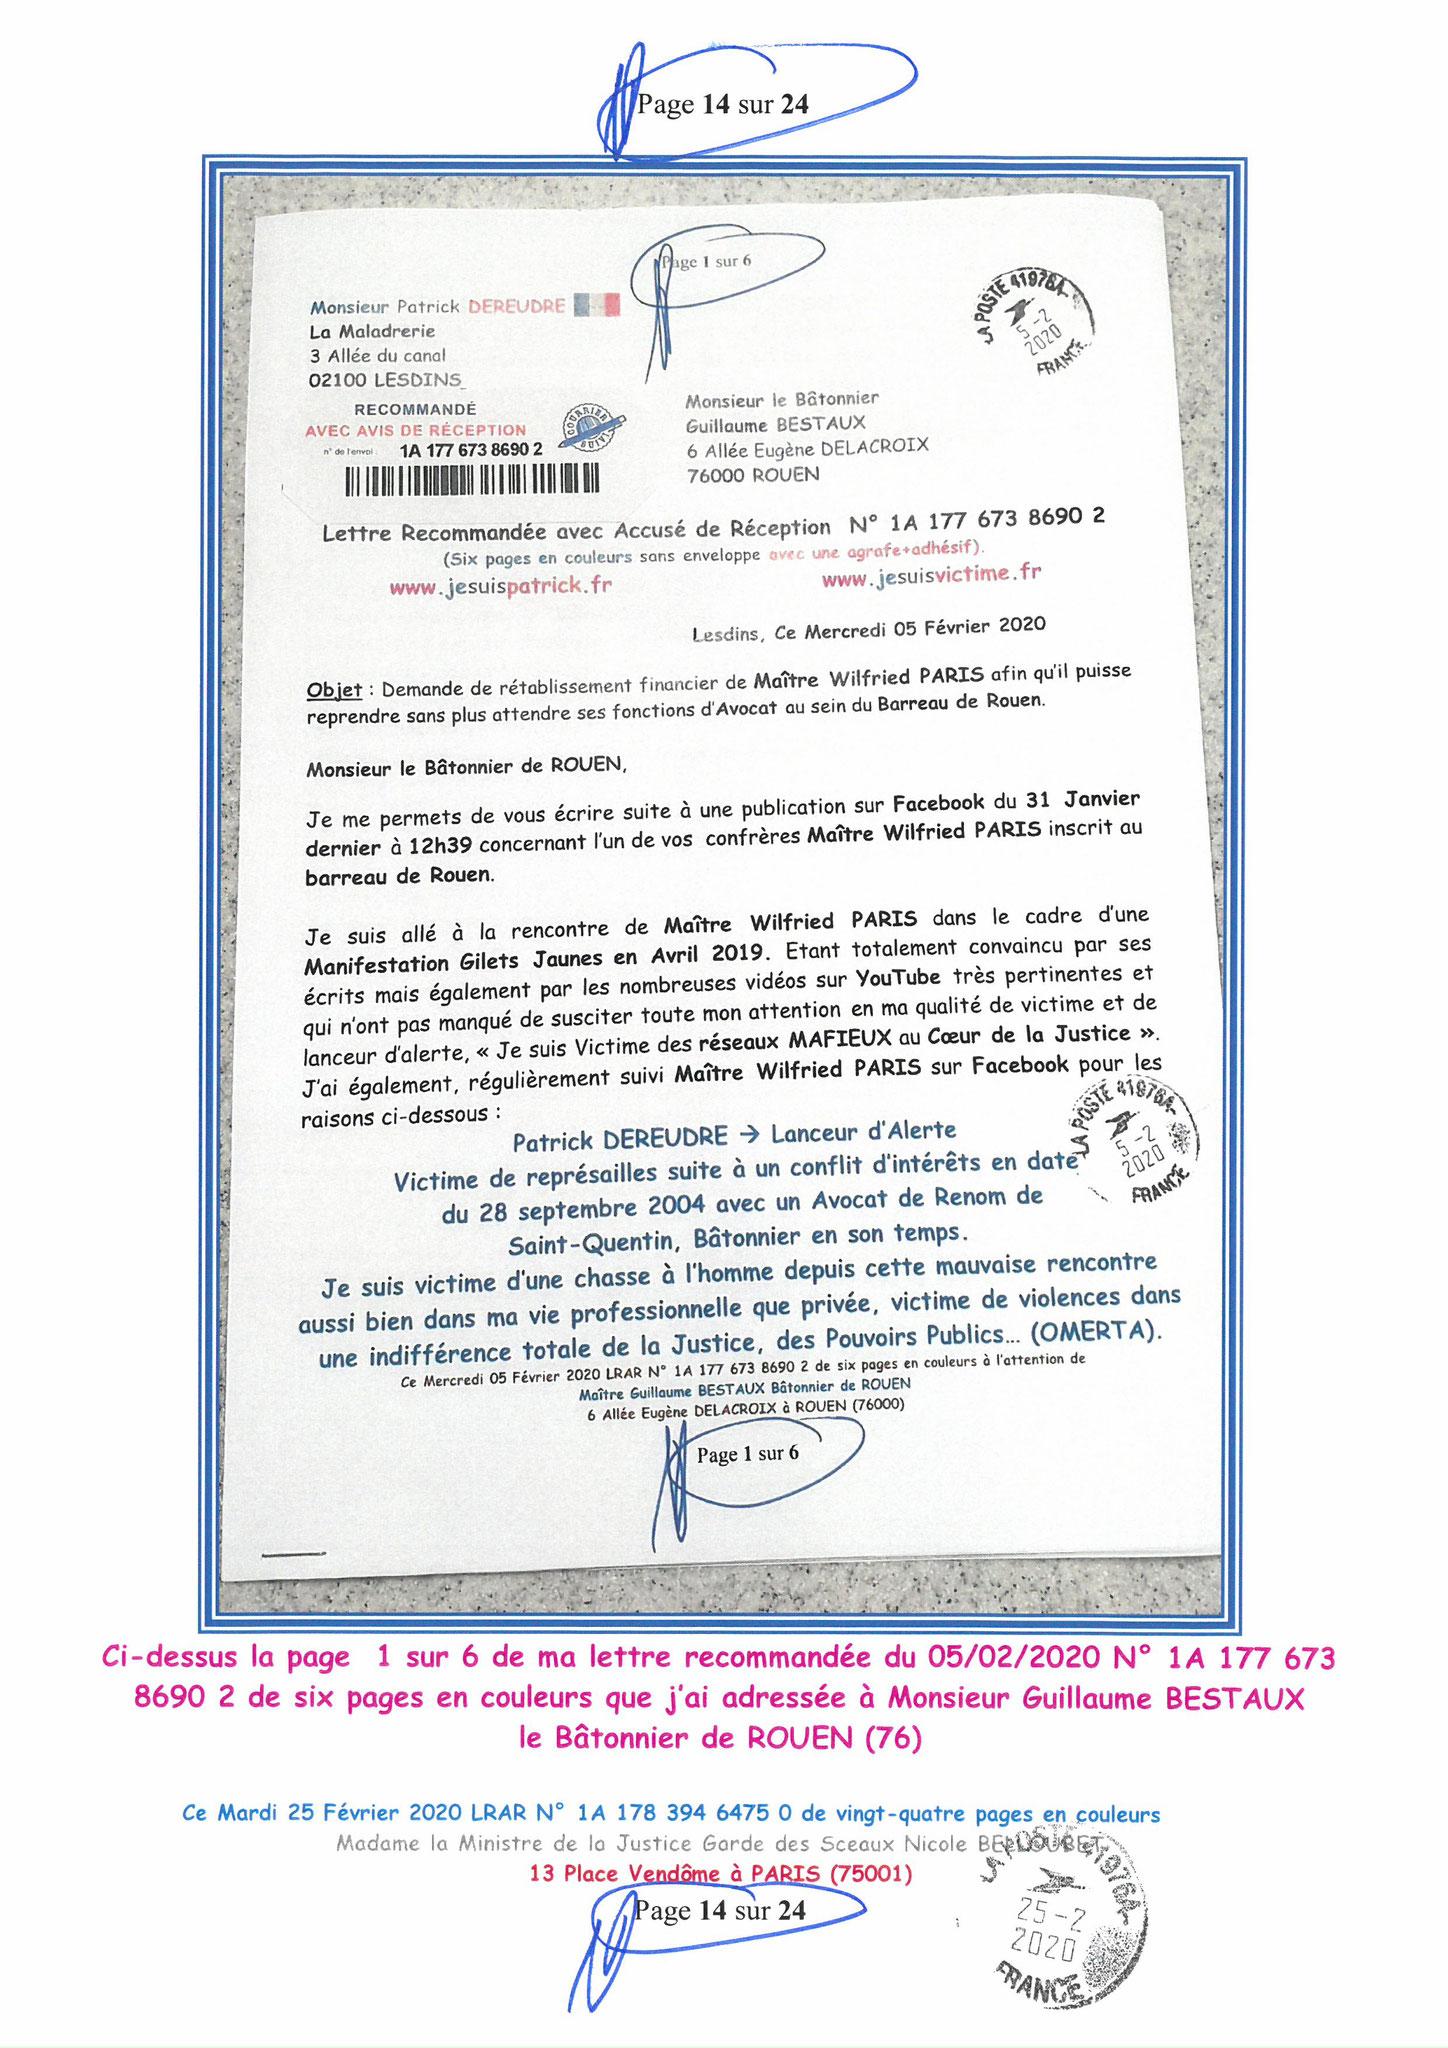 Ma LRAR à Madame Nicole BELLOUBET la Ministre de la Justice N0 1A 178 394 6475 0 Page 14 sur 24 en couleur  www.jesuispatrick.com